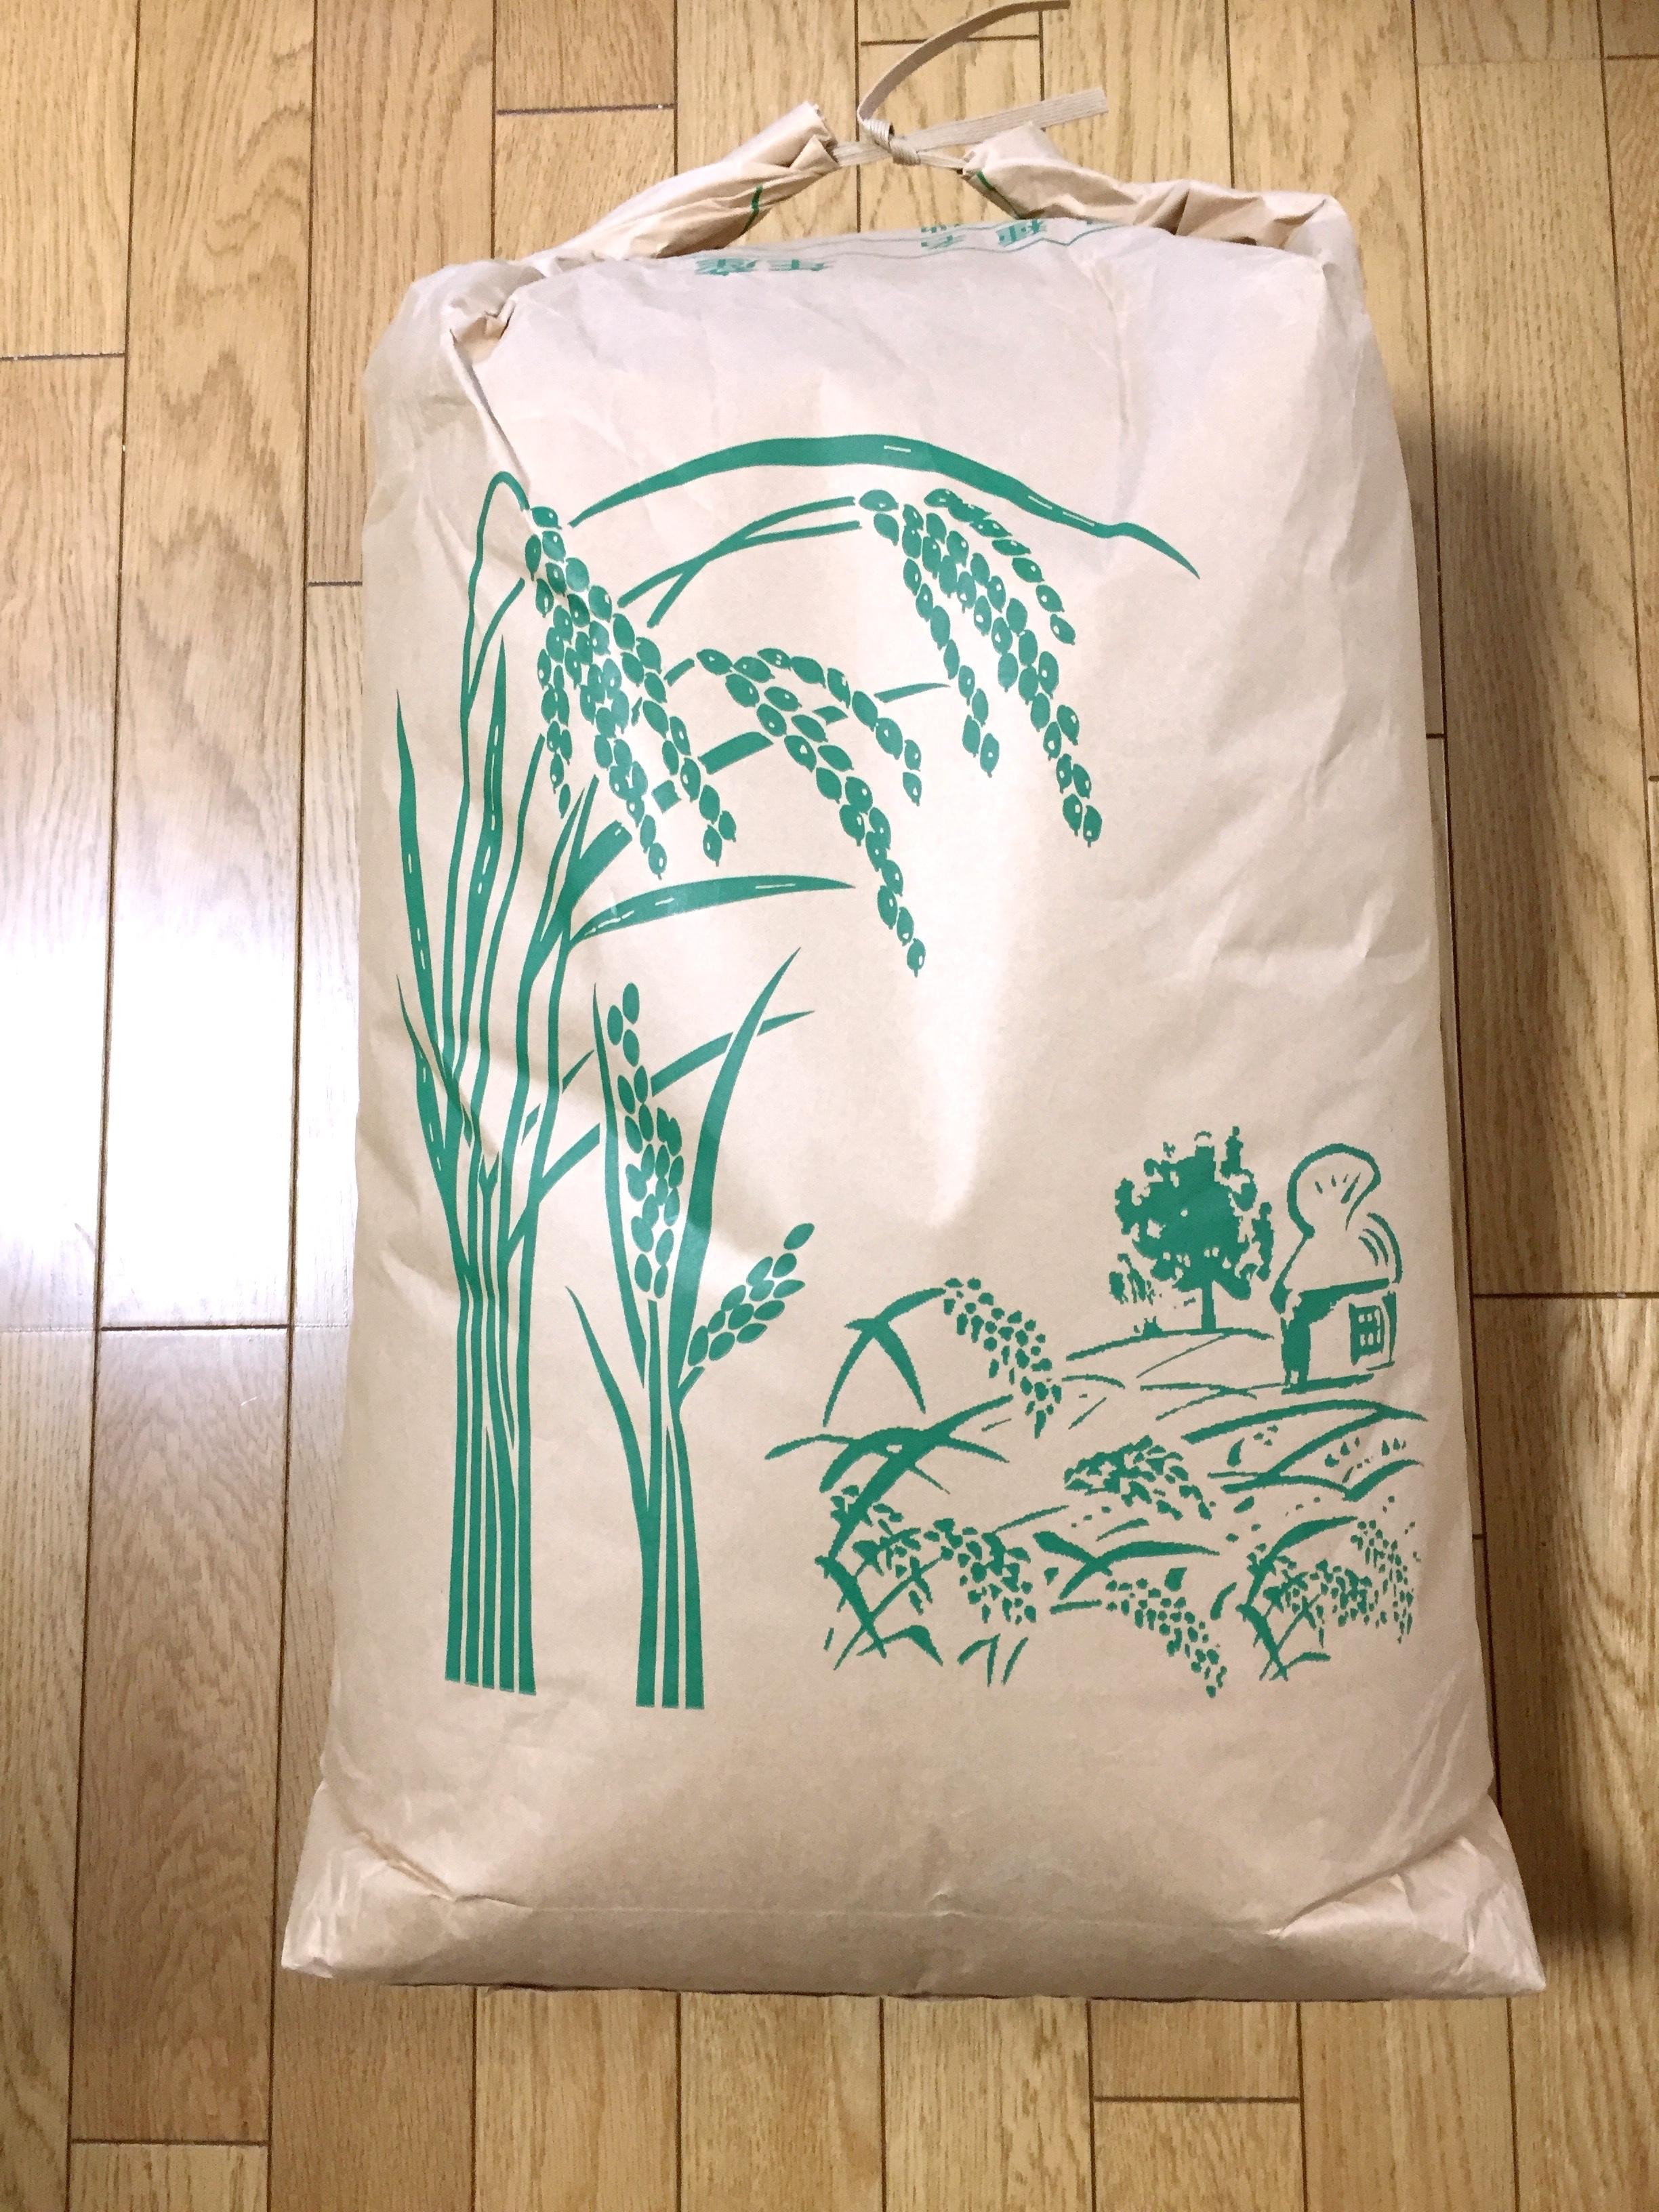 松葉家で収穫した 美味しいお米(玄米)30kg 減農薬栽培米